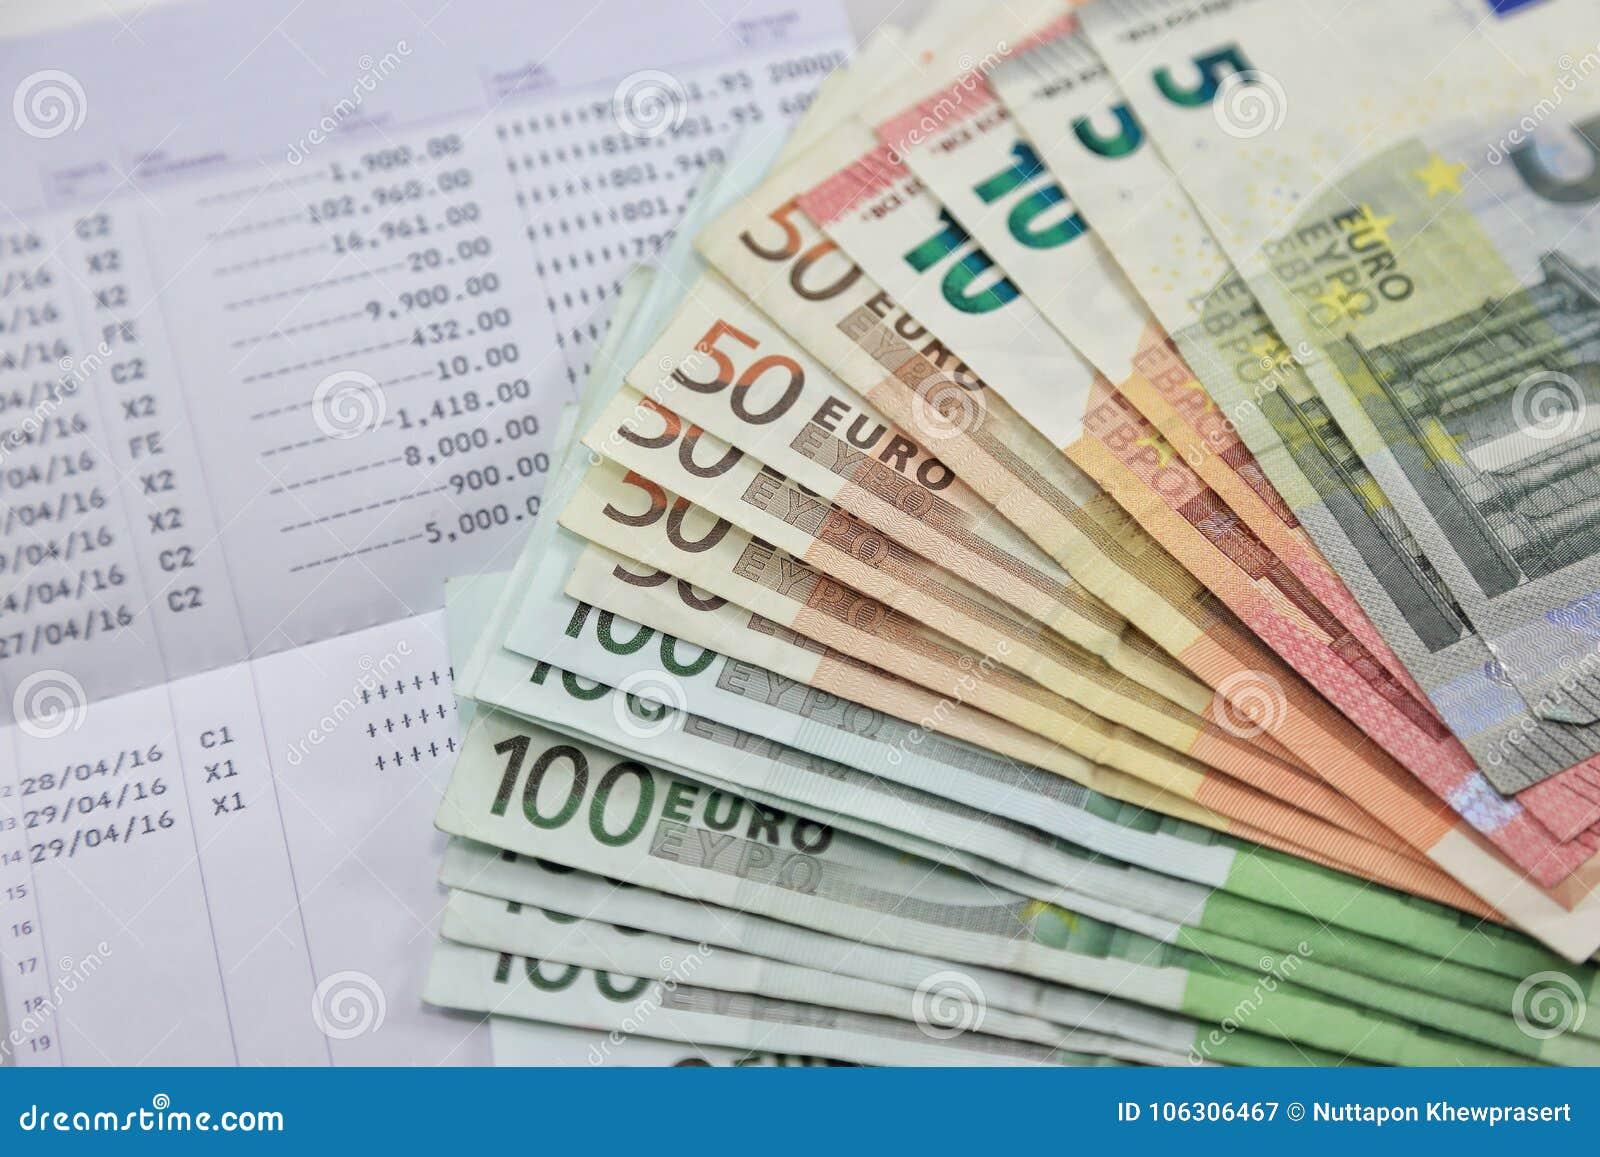 Beaucoup d euro billets de banque et carnet de compte bancaire montrent beaucoup de transactions concept et idée d argent d écono